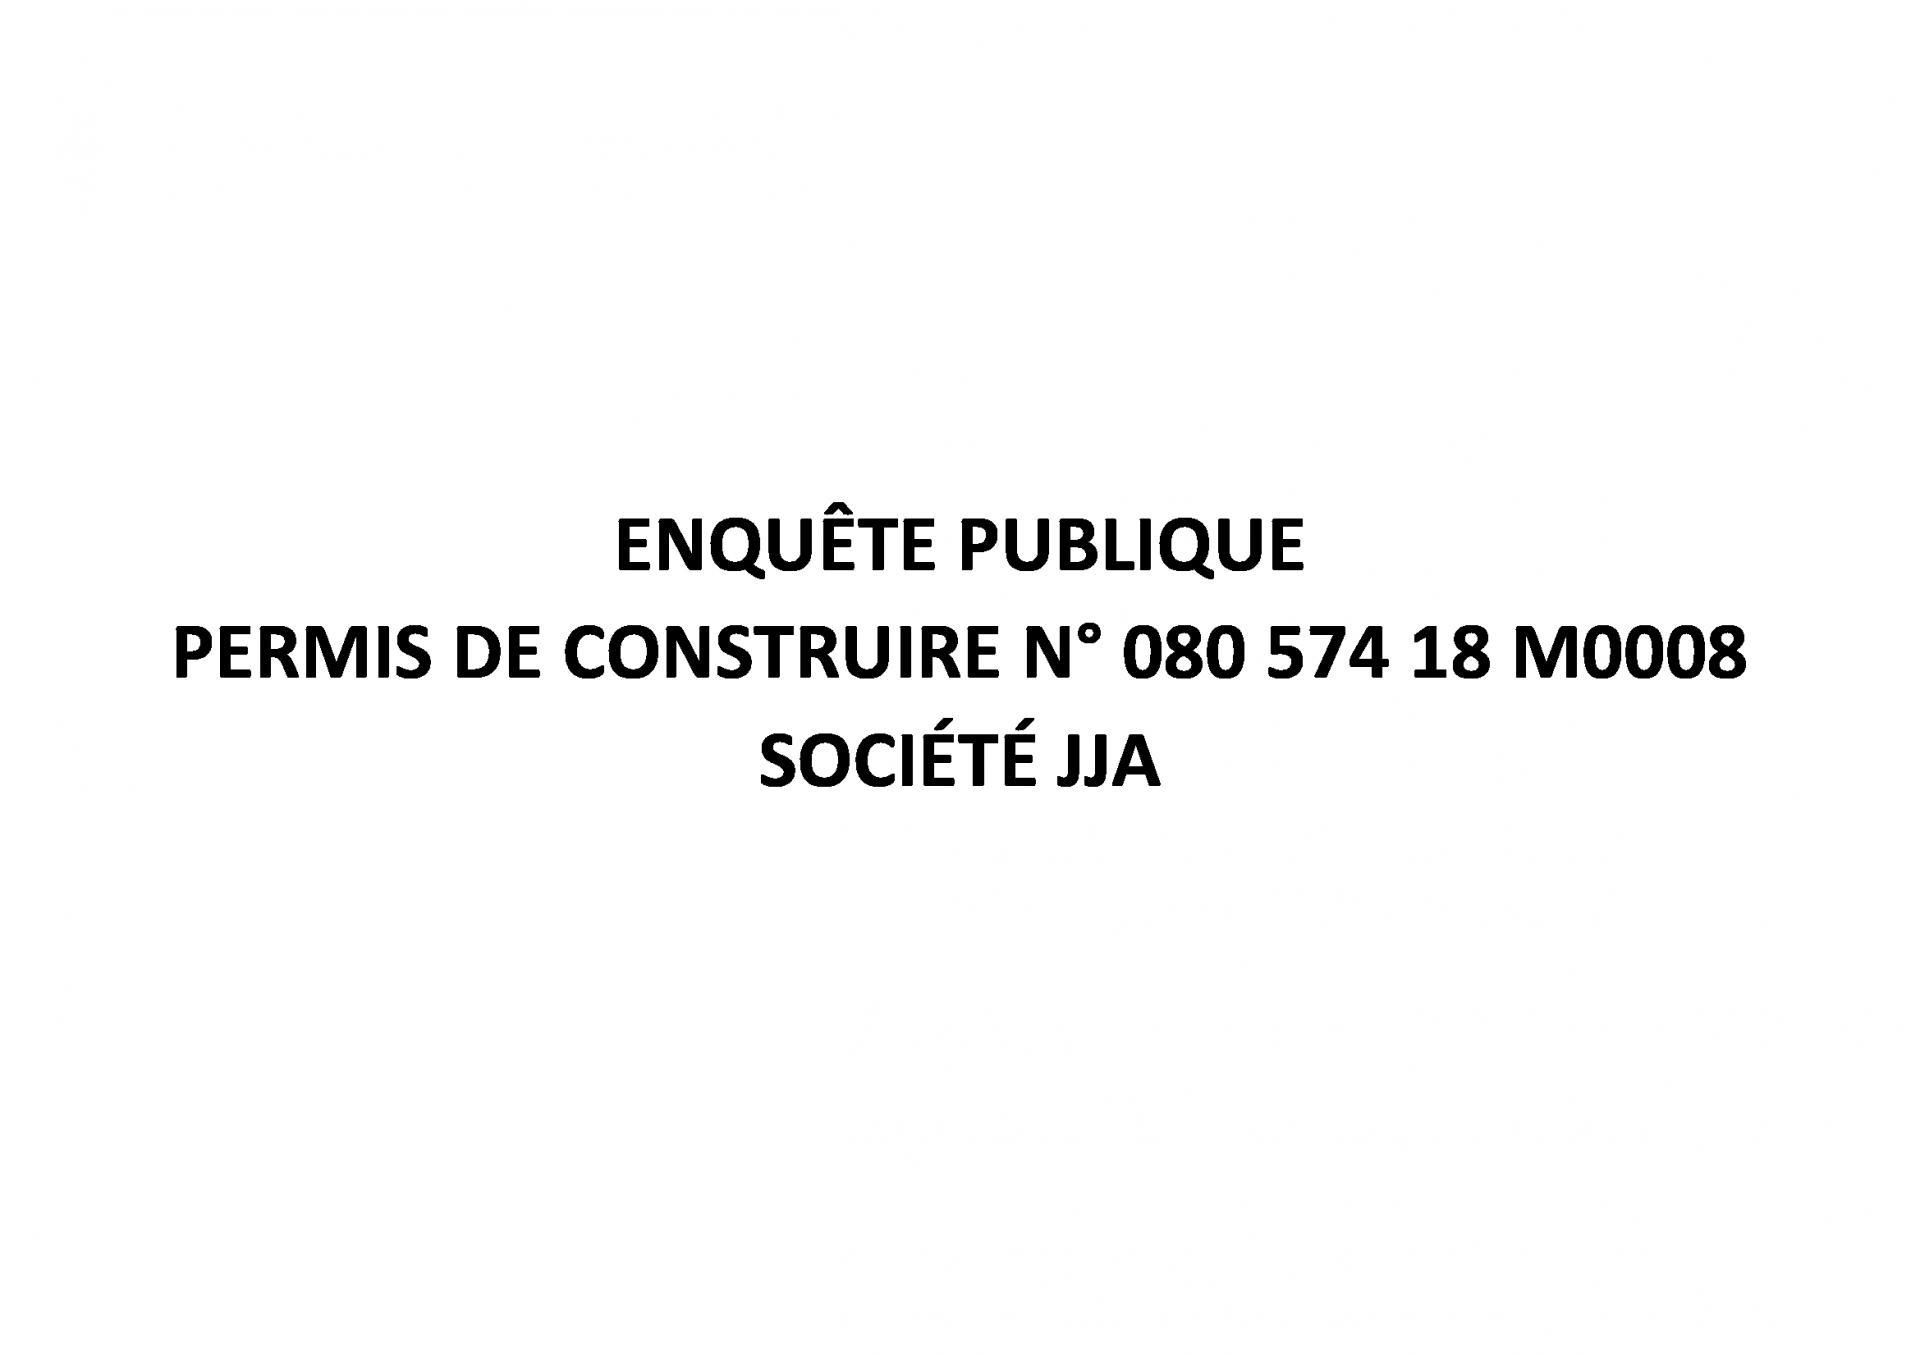 ENQUÊTE PUBLIQUE PERMIS DE CONSTRUIRE N° 080 574 18 M0008, SOCIÉTÉ JJA